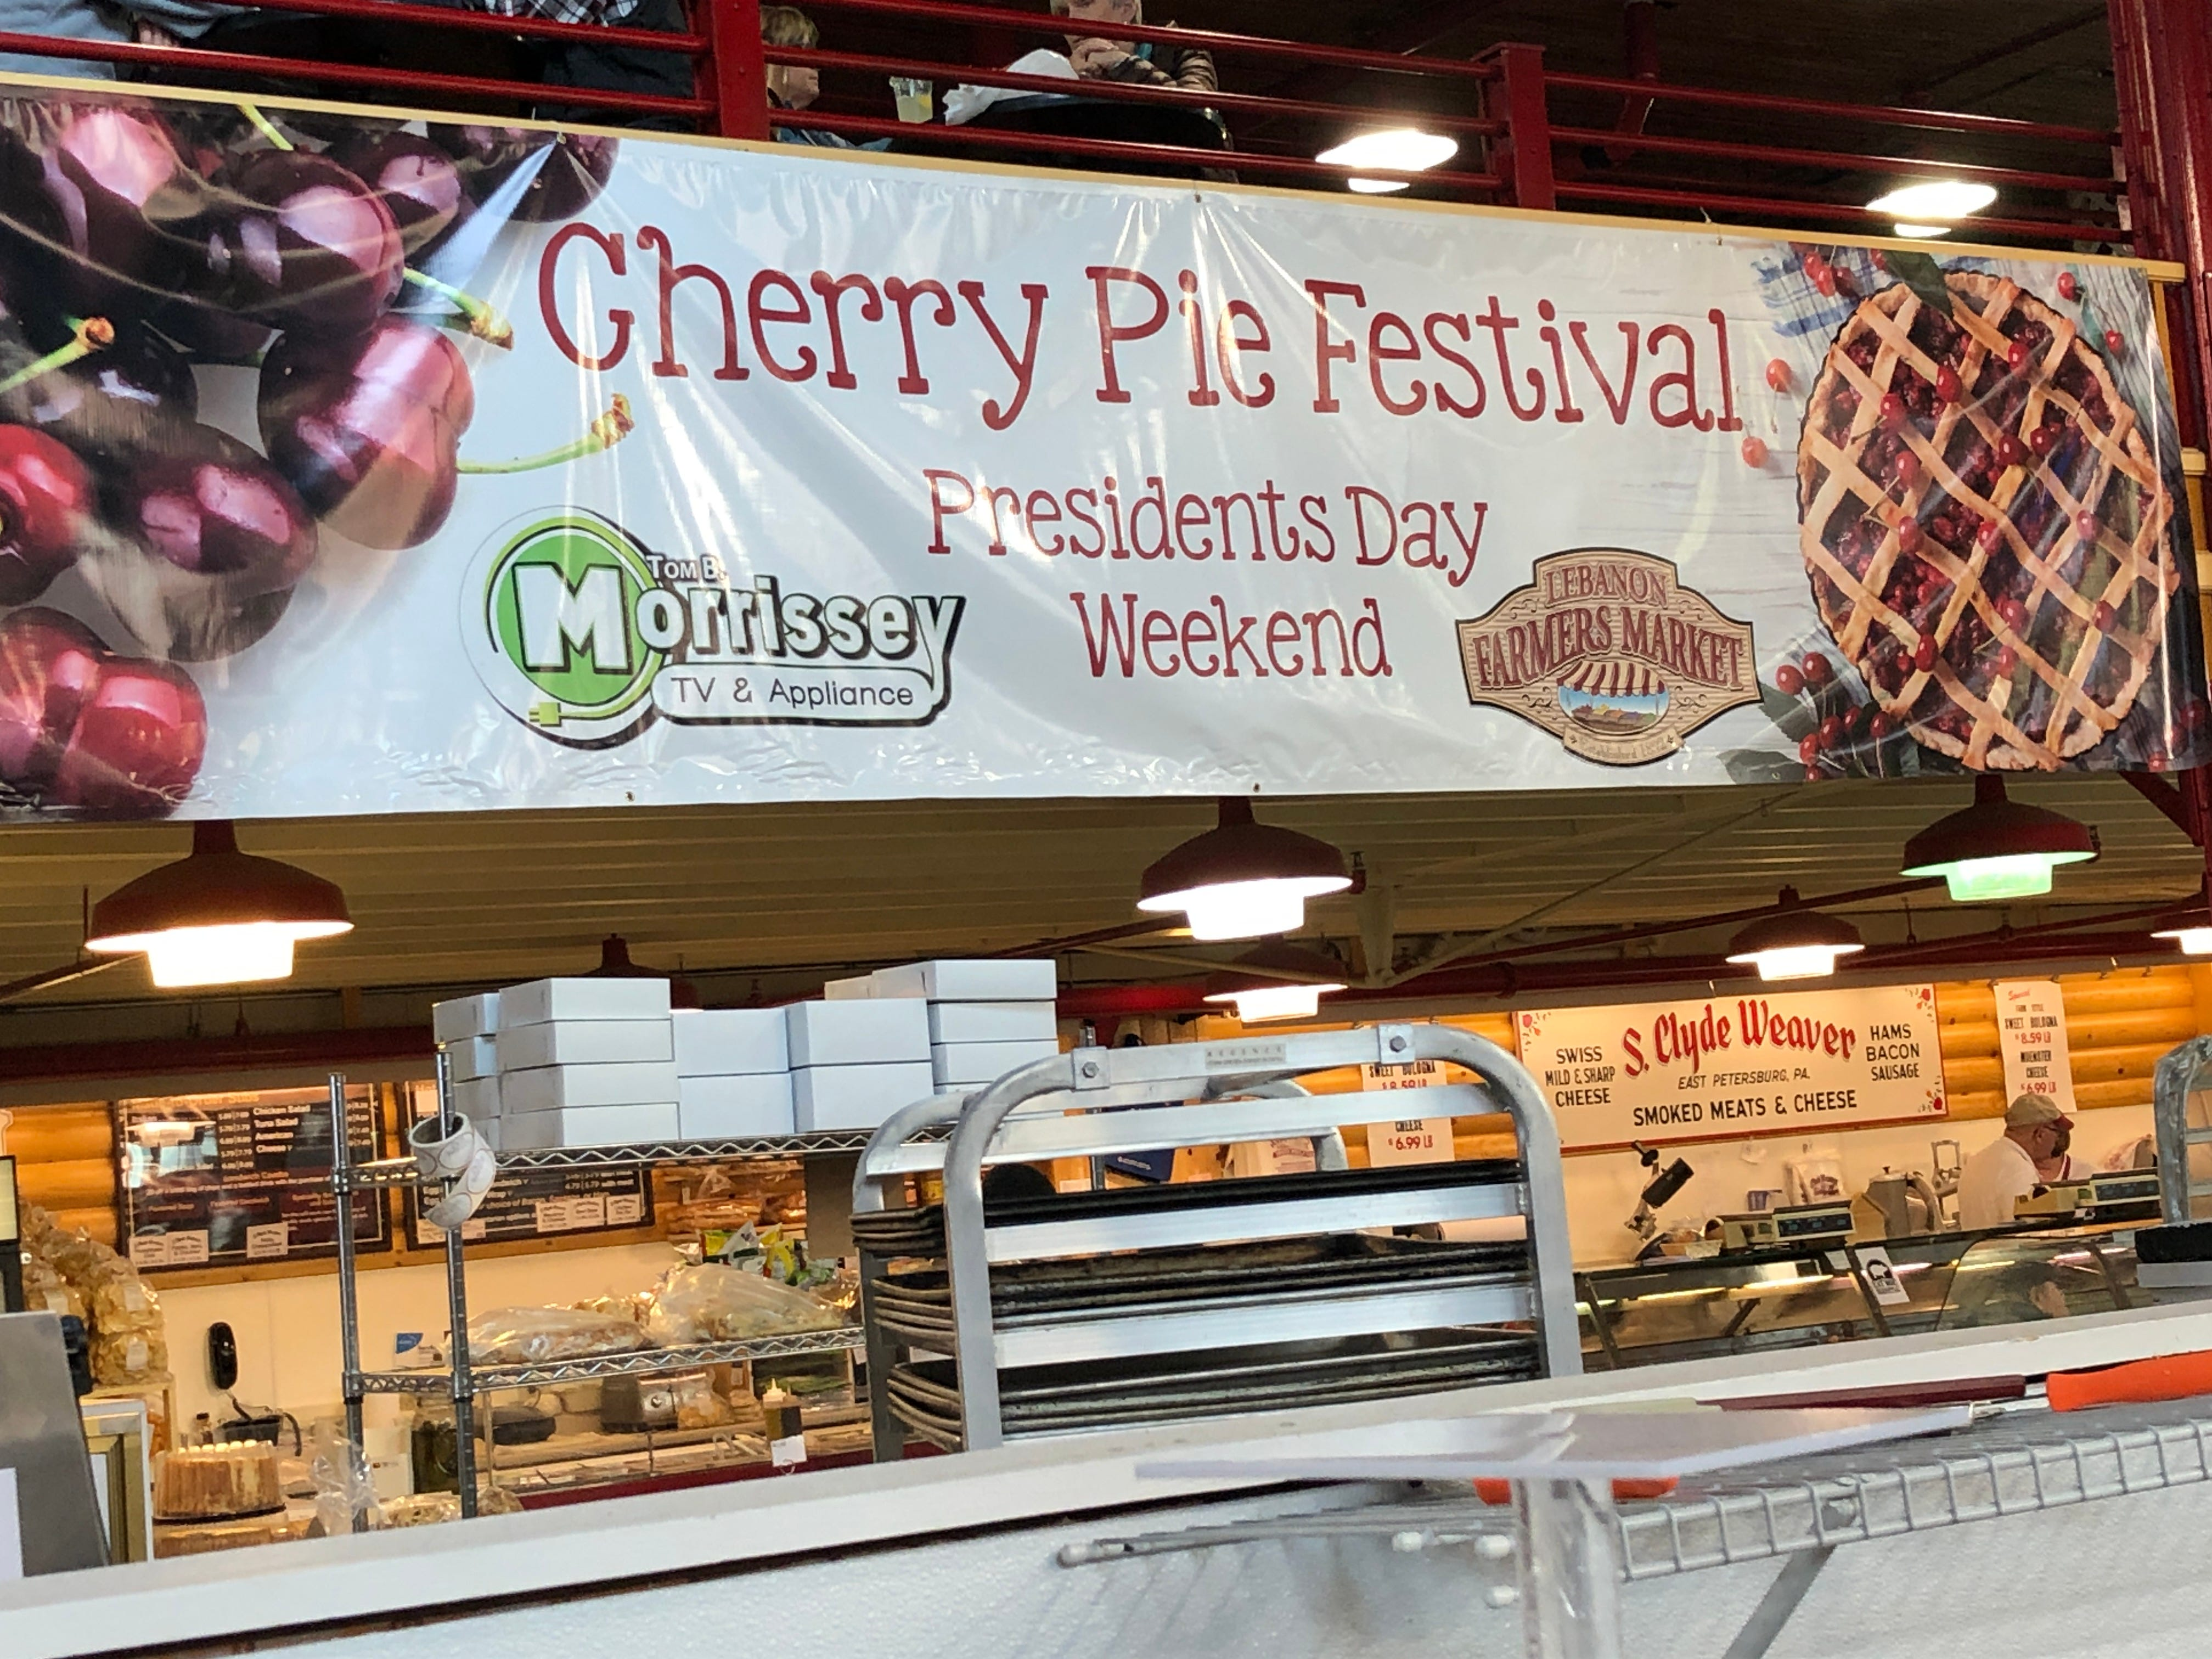 Cherry Pie Festival sponsors included the Lebanon Farmers Market, Zig's Bakery and Tom B. Morrissey TV & Appliance.